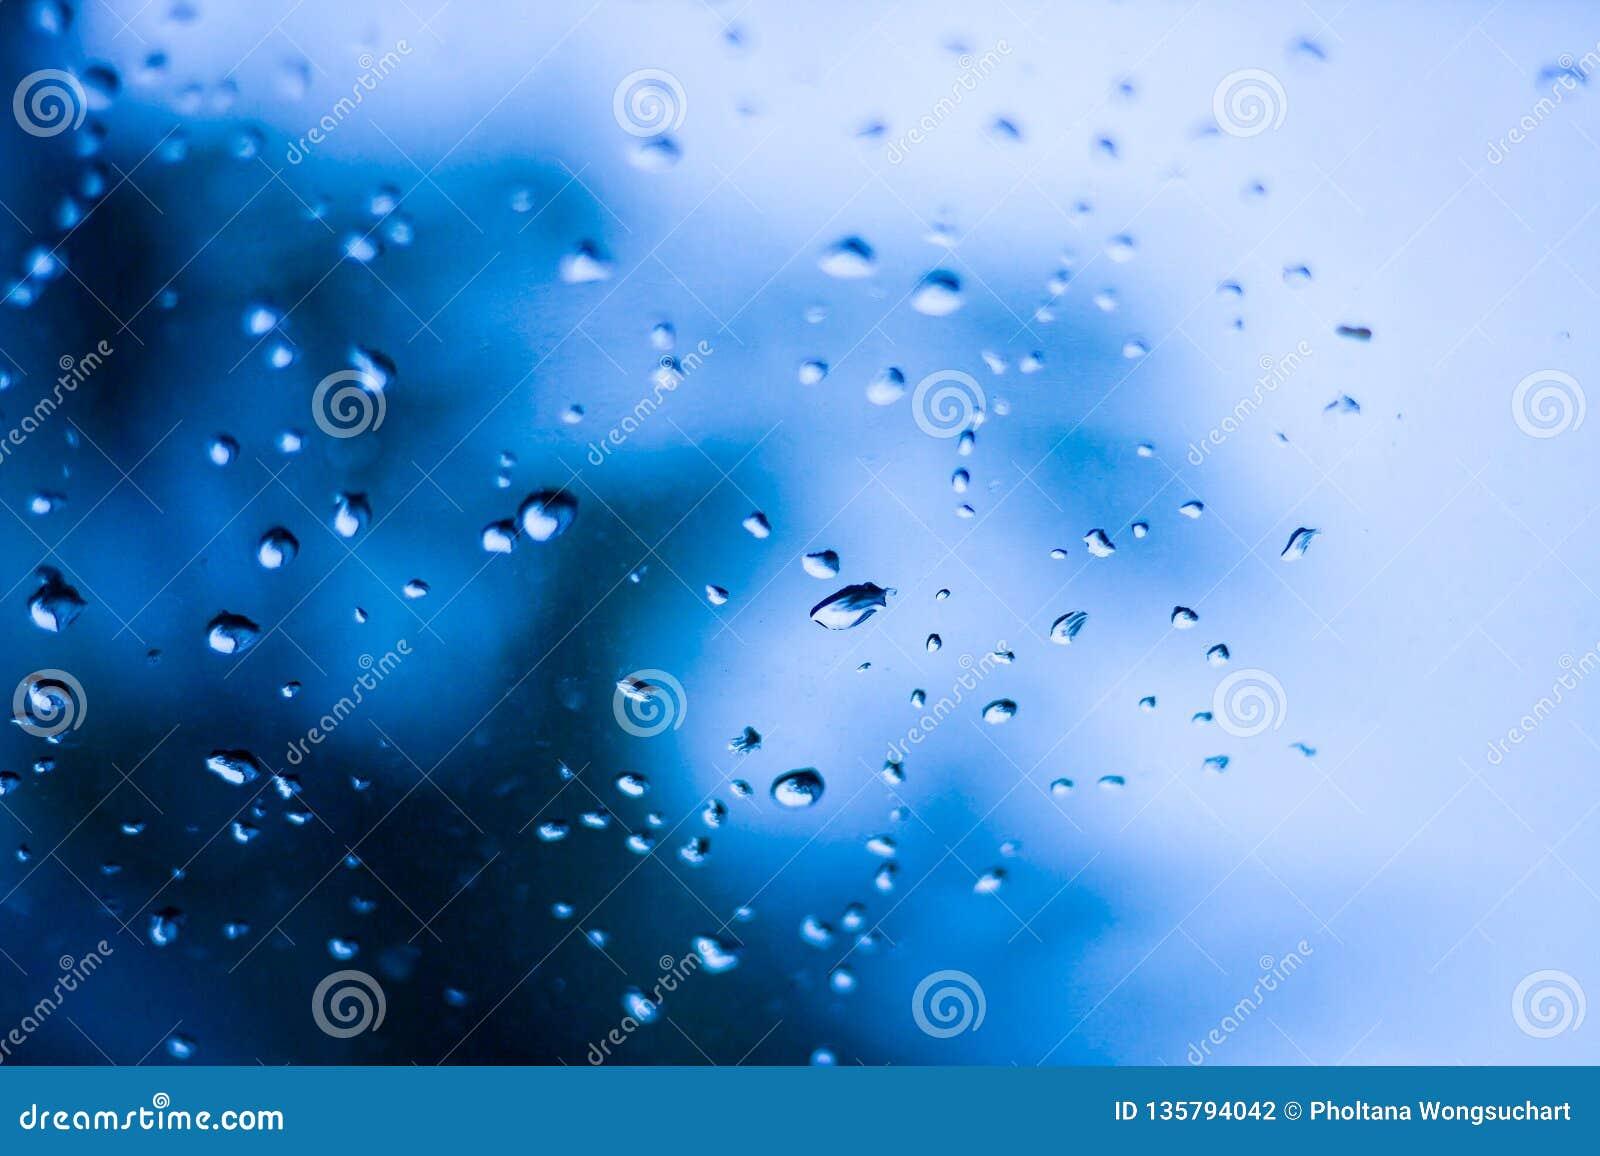 Капельки воды причинены капельками дождя в ясном стекле